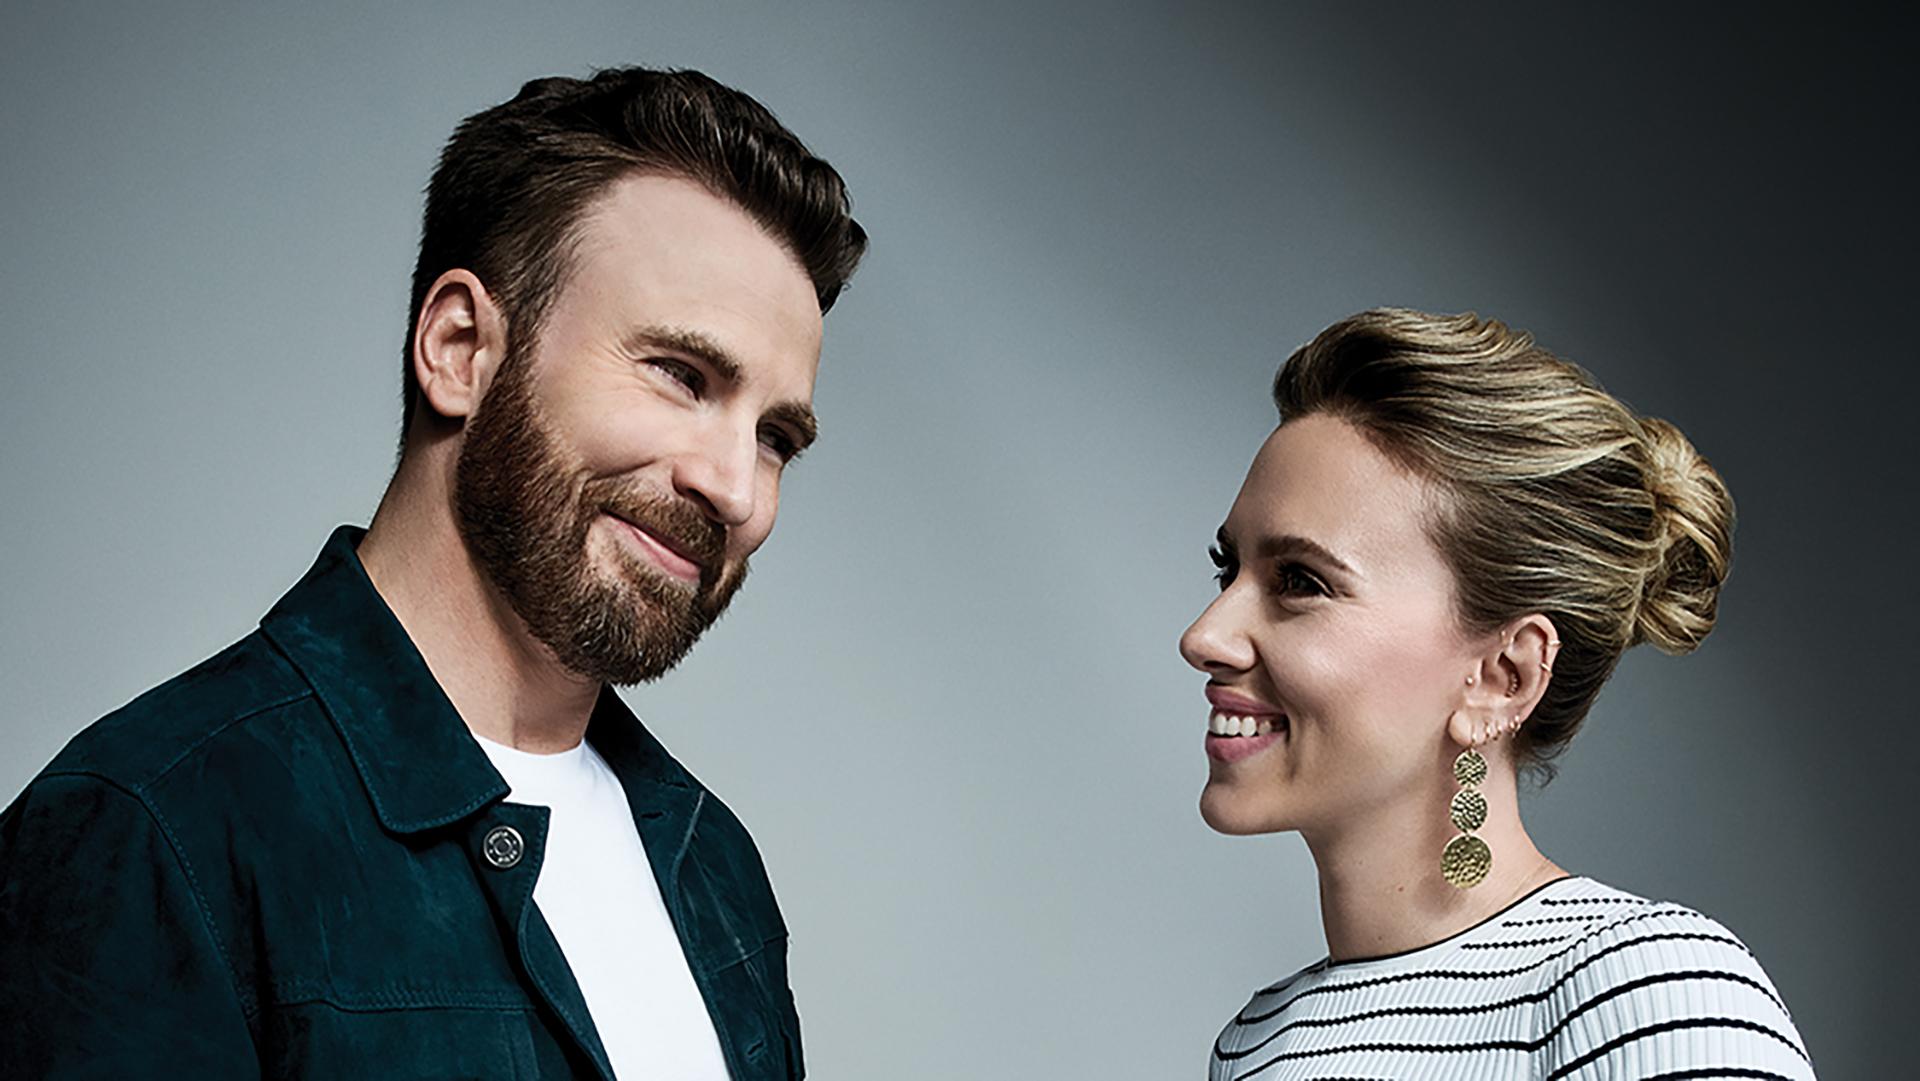 Chris Evans and Scarlett Johansson,